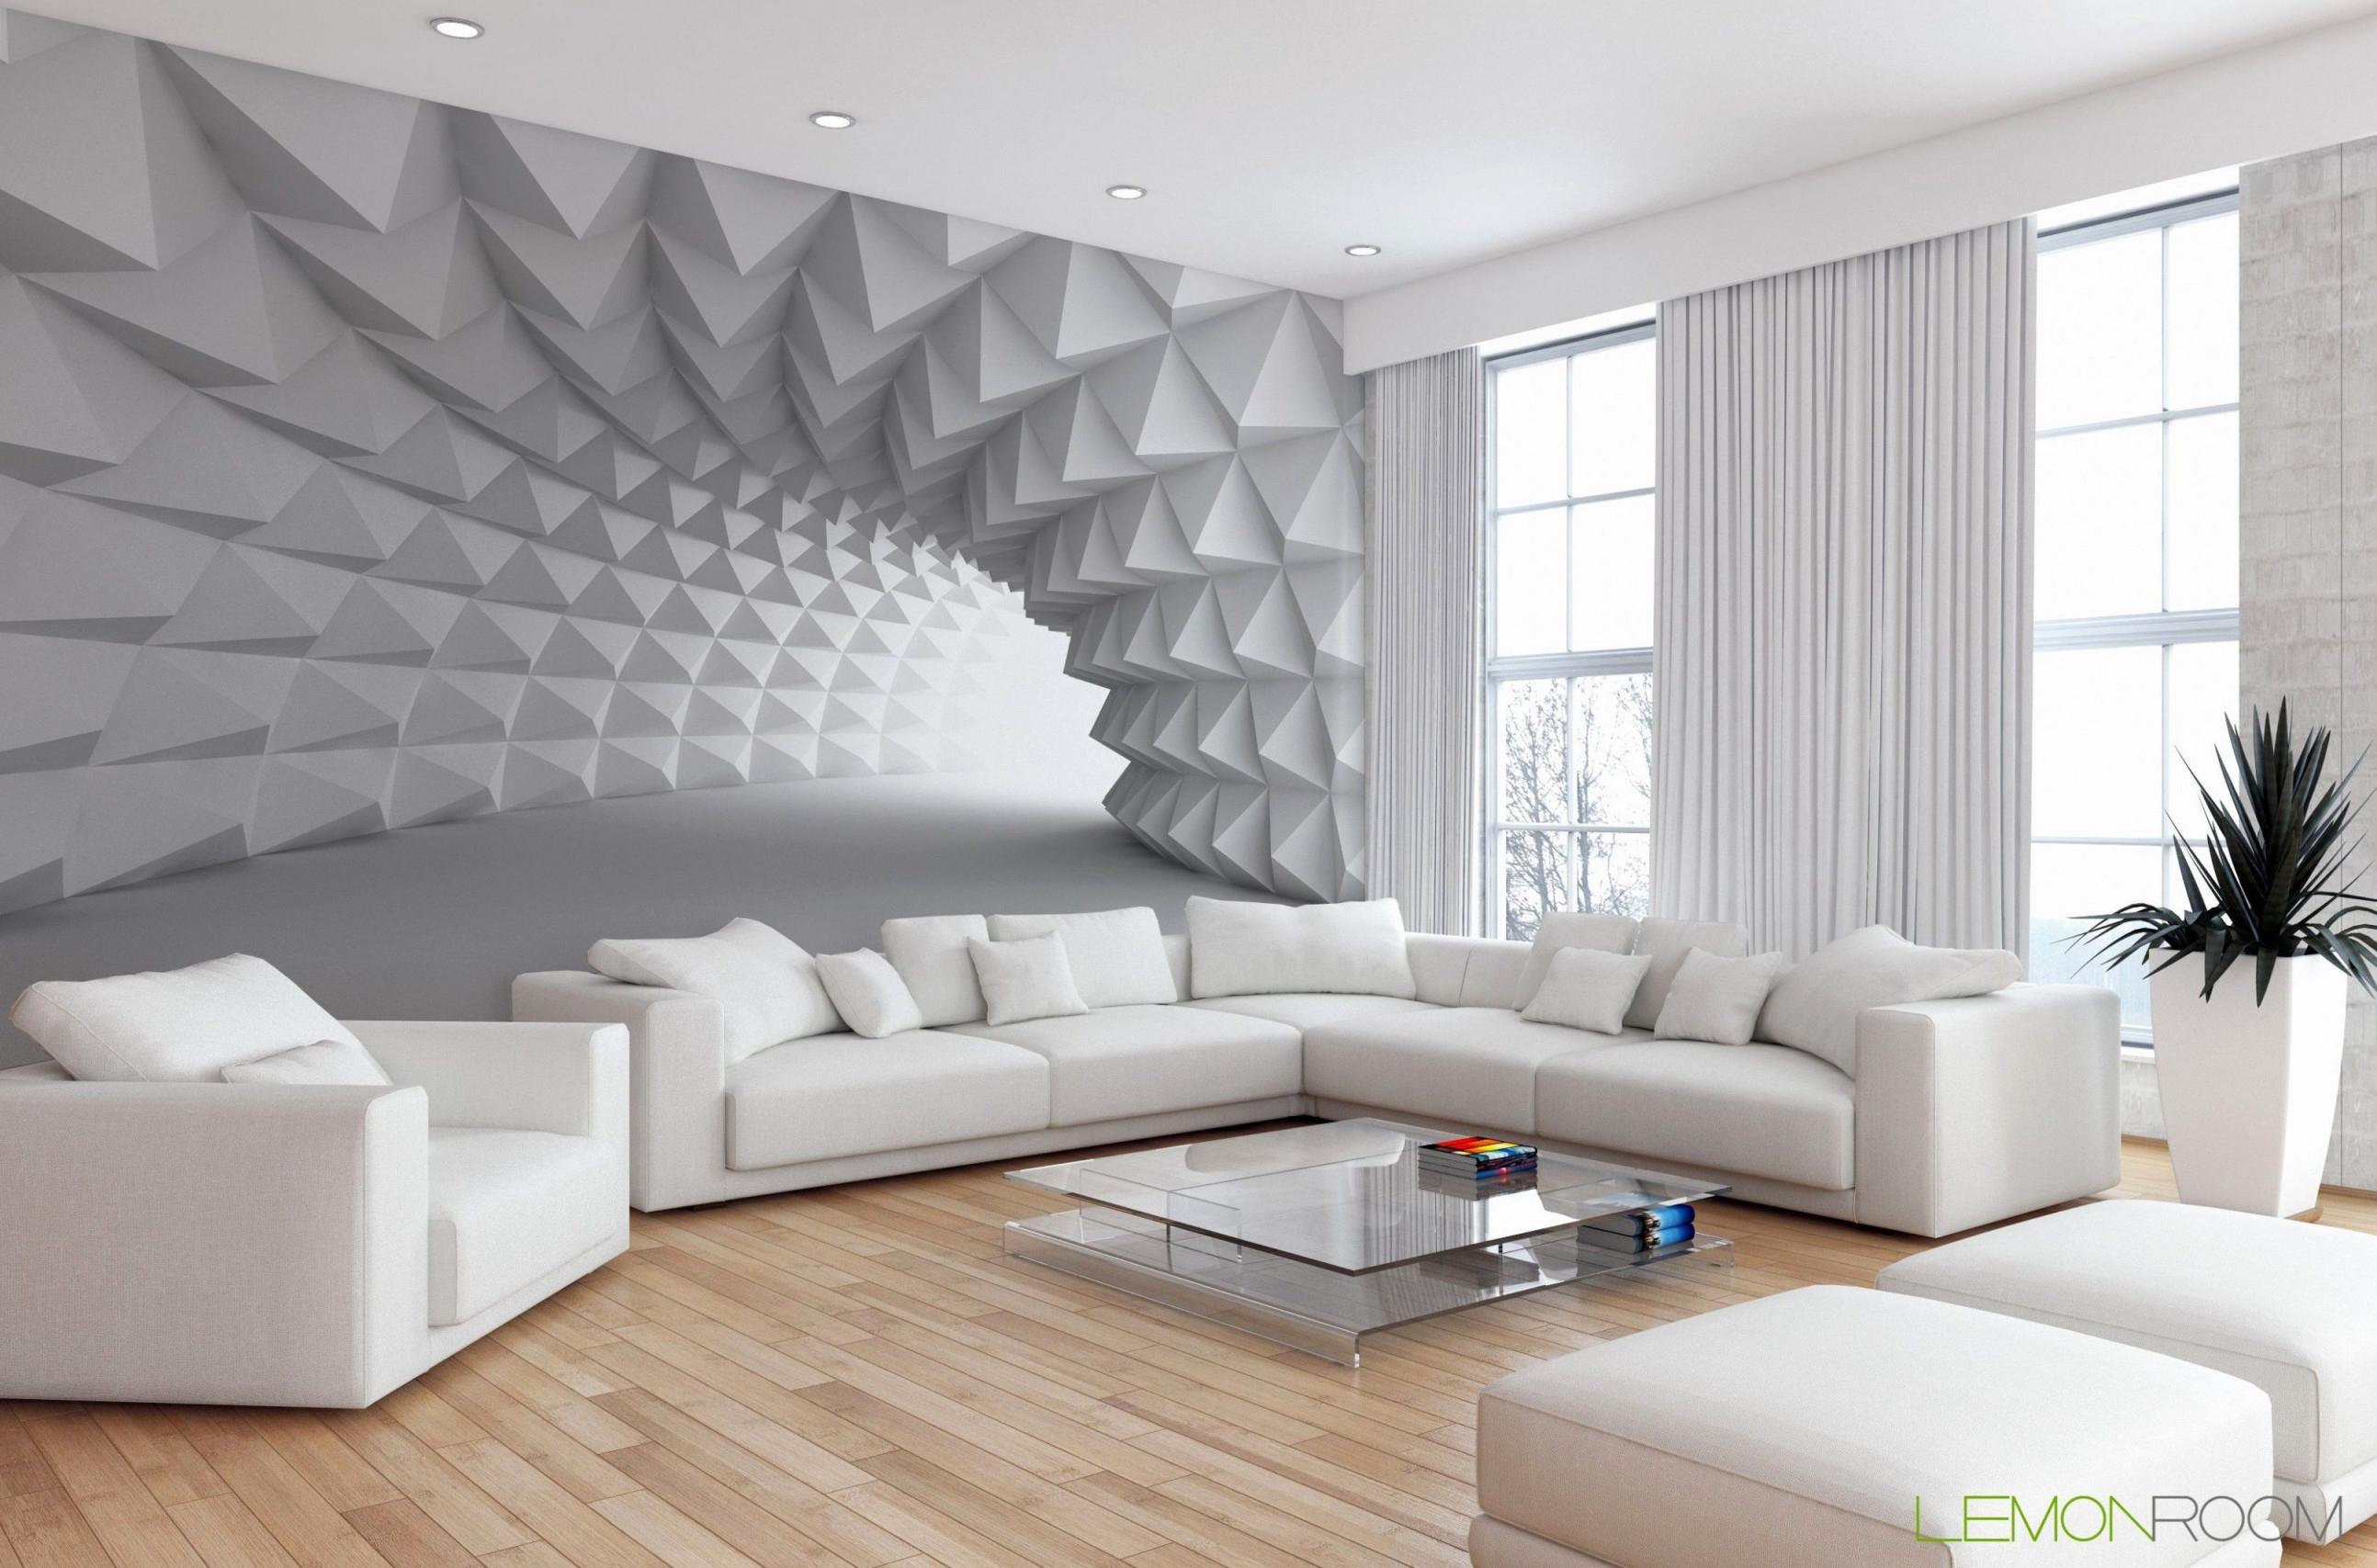 12 Luxus Muster Tapete Schlafzimmer In 2020  Wohnzimmer von Fototapete Wohnzimmer Ideen Photo